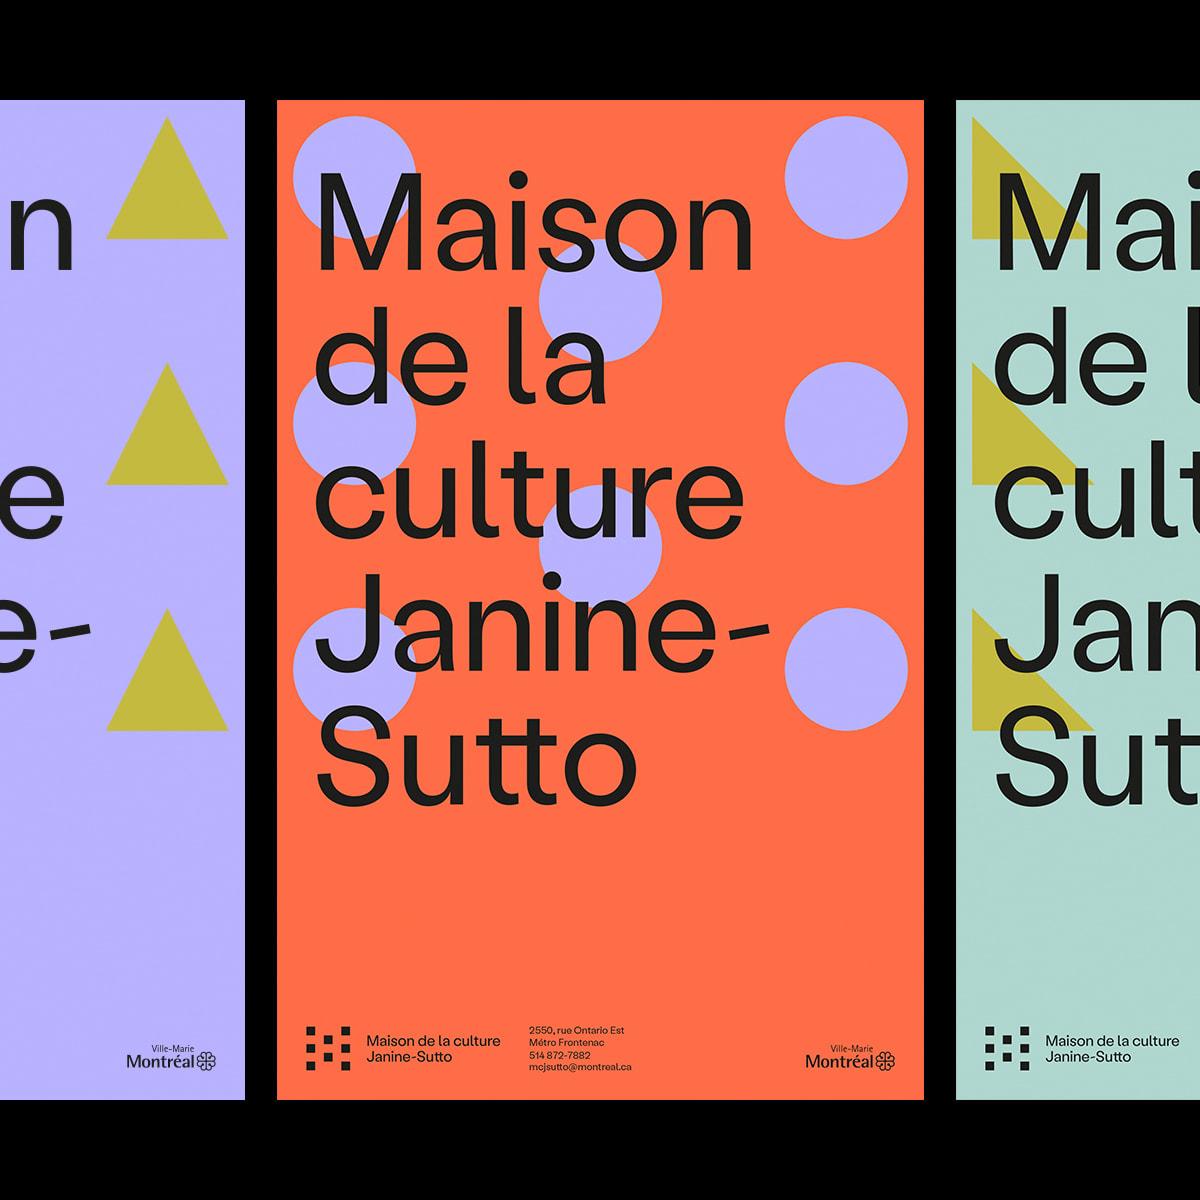 Nouvelle identité maison de la culture Janine-Sutto